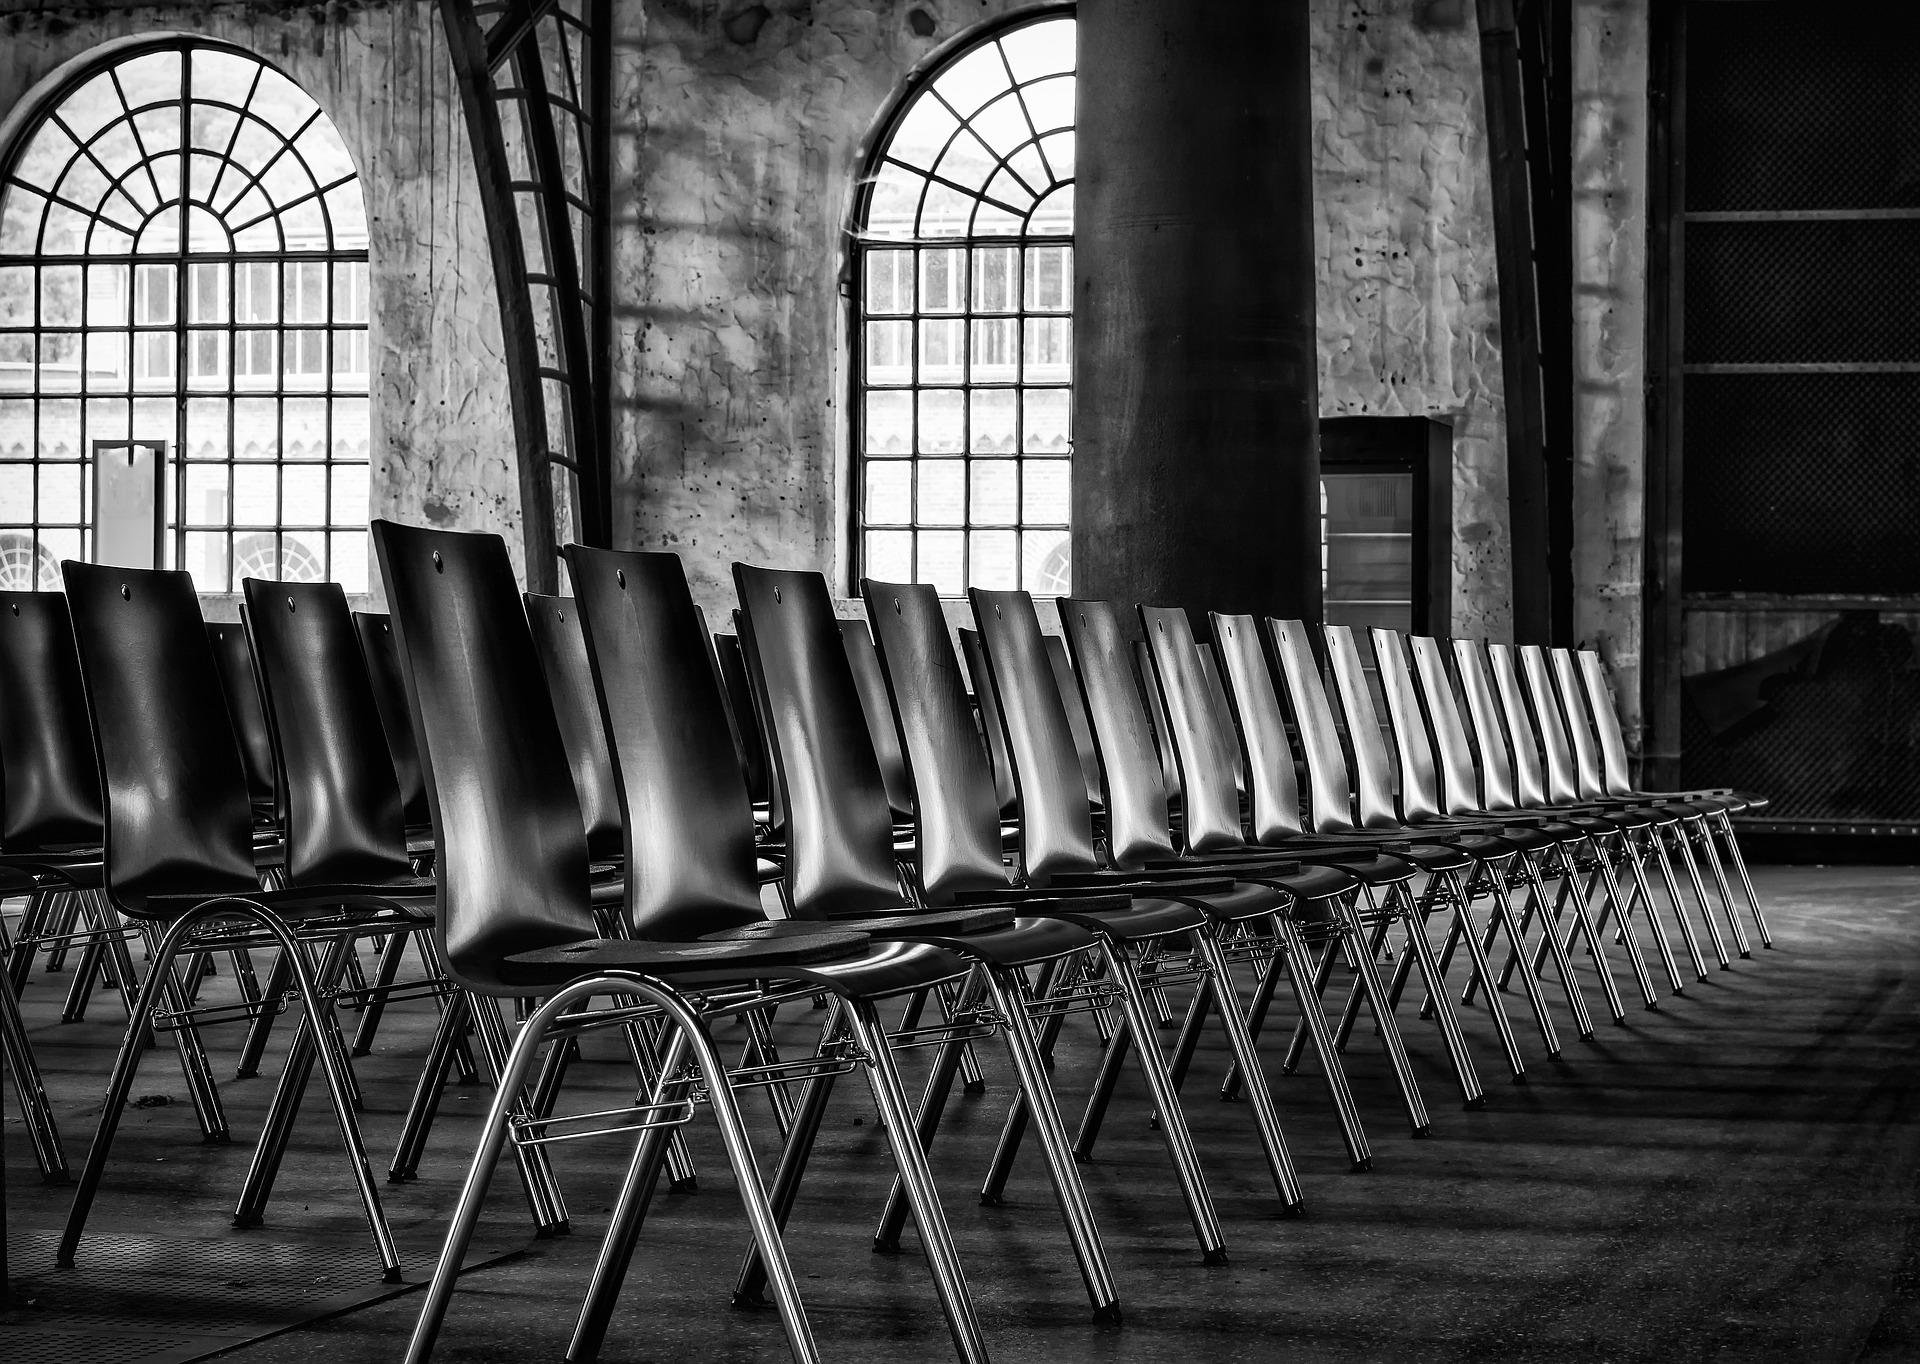 Krzesła na stelażach metalowych